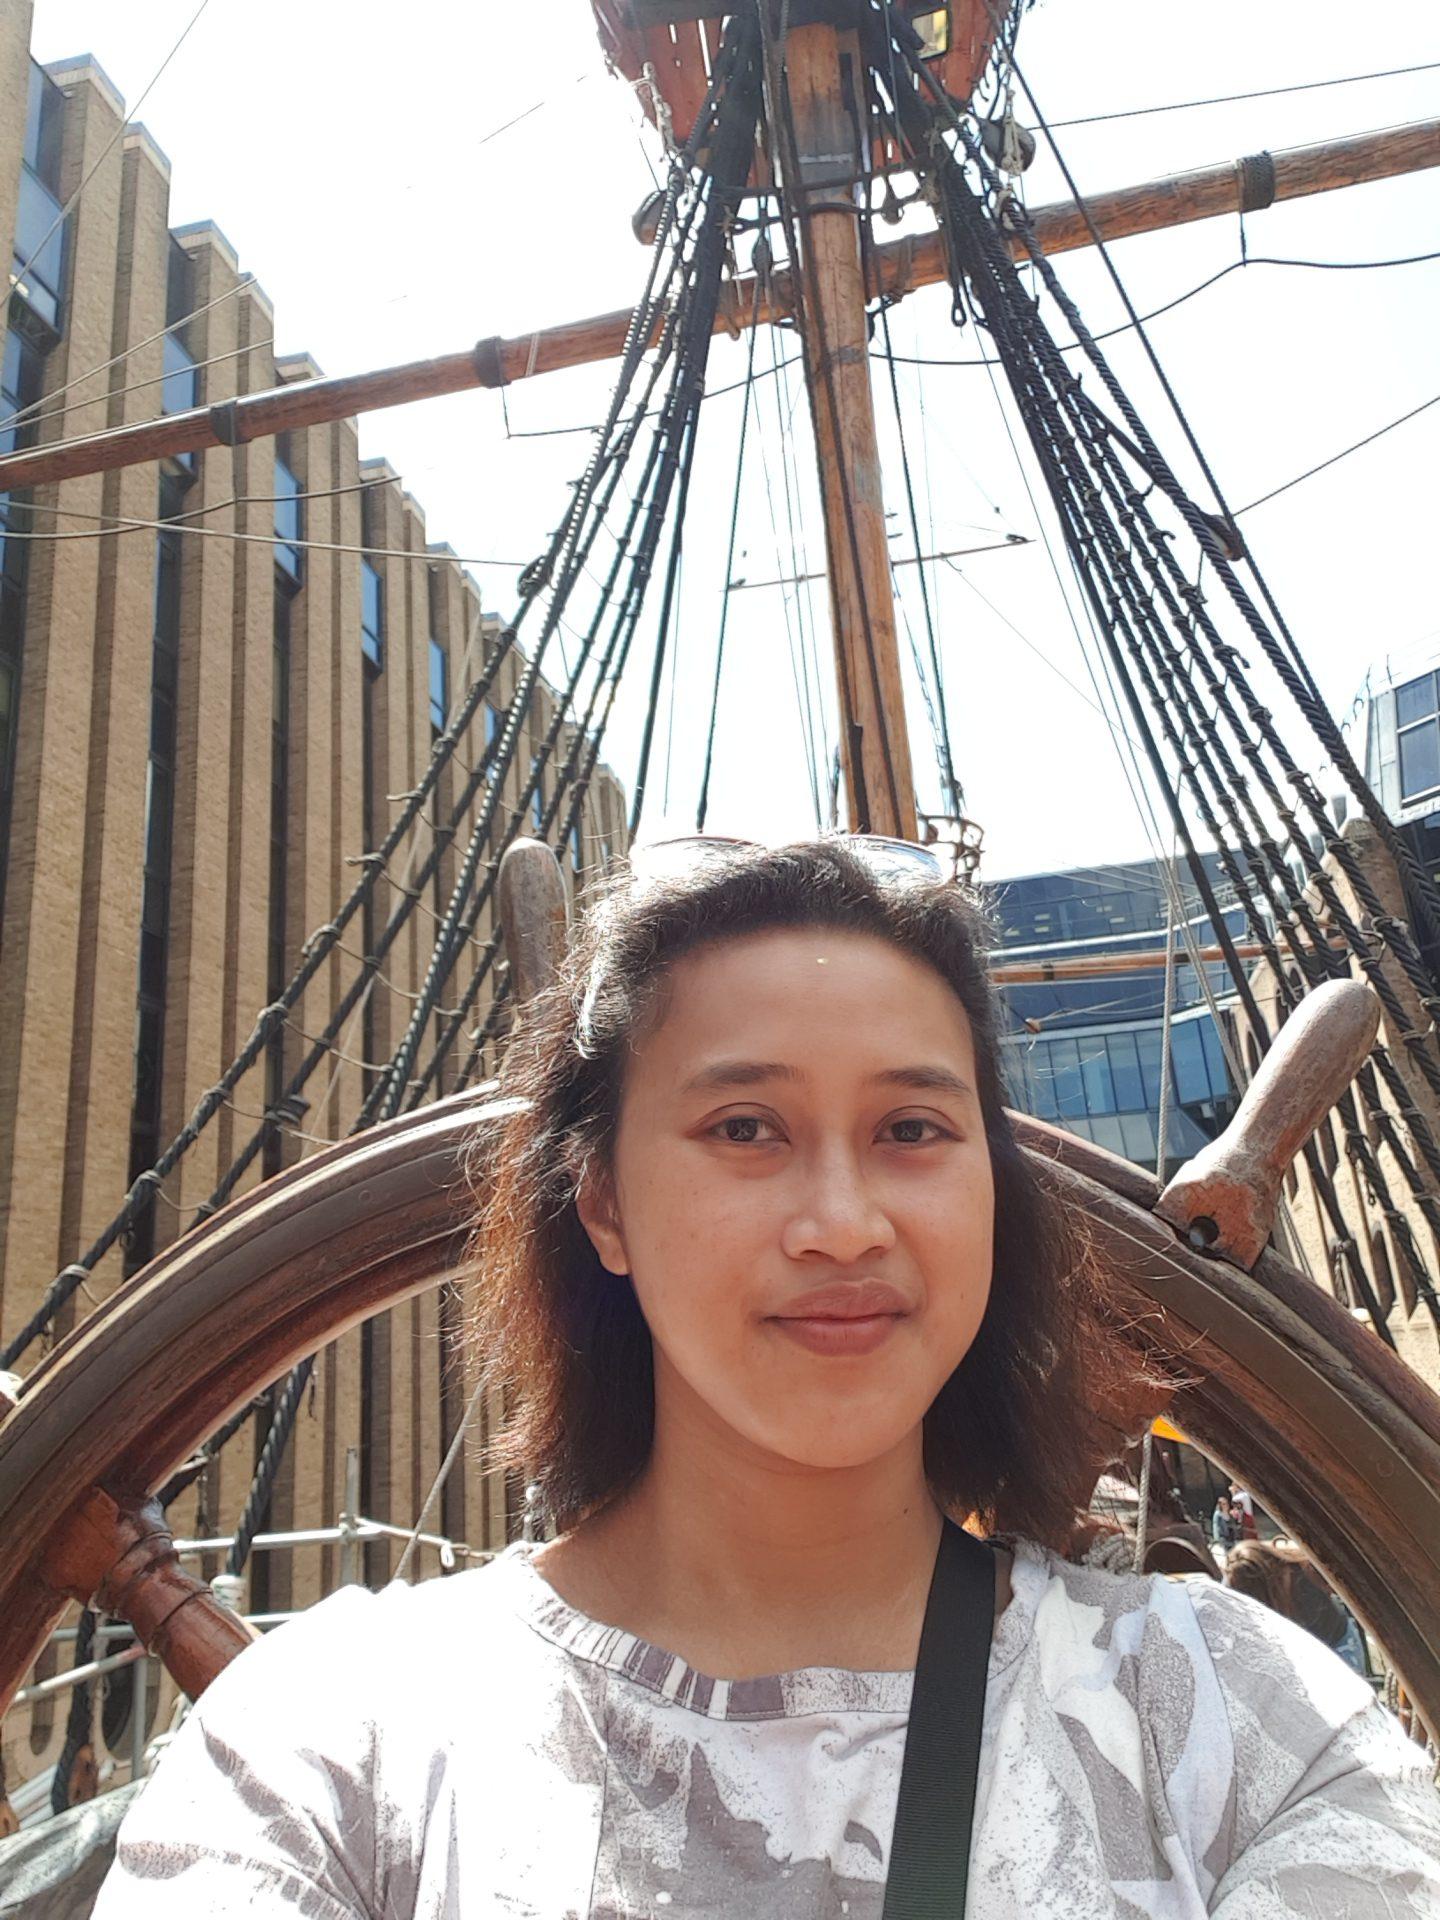 The Golden Hinde Ship